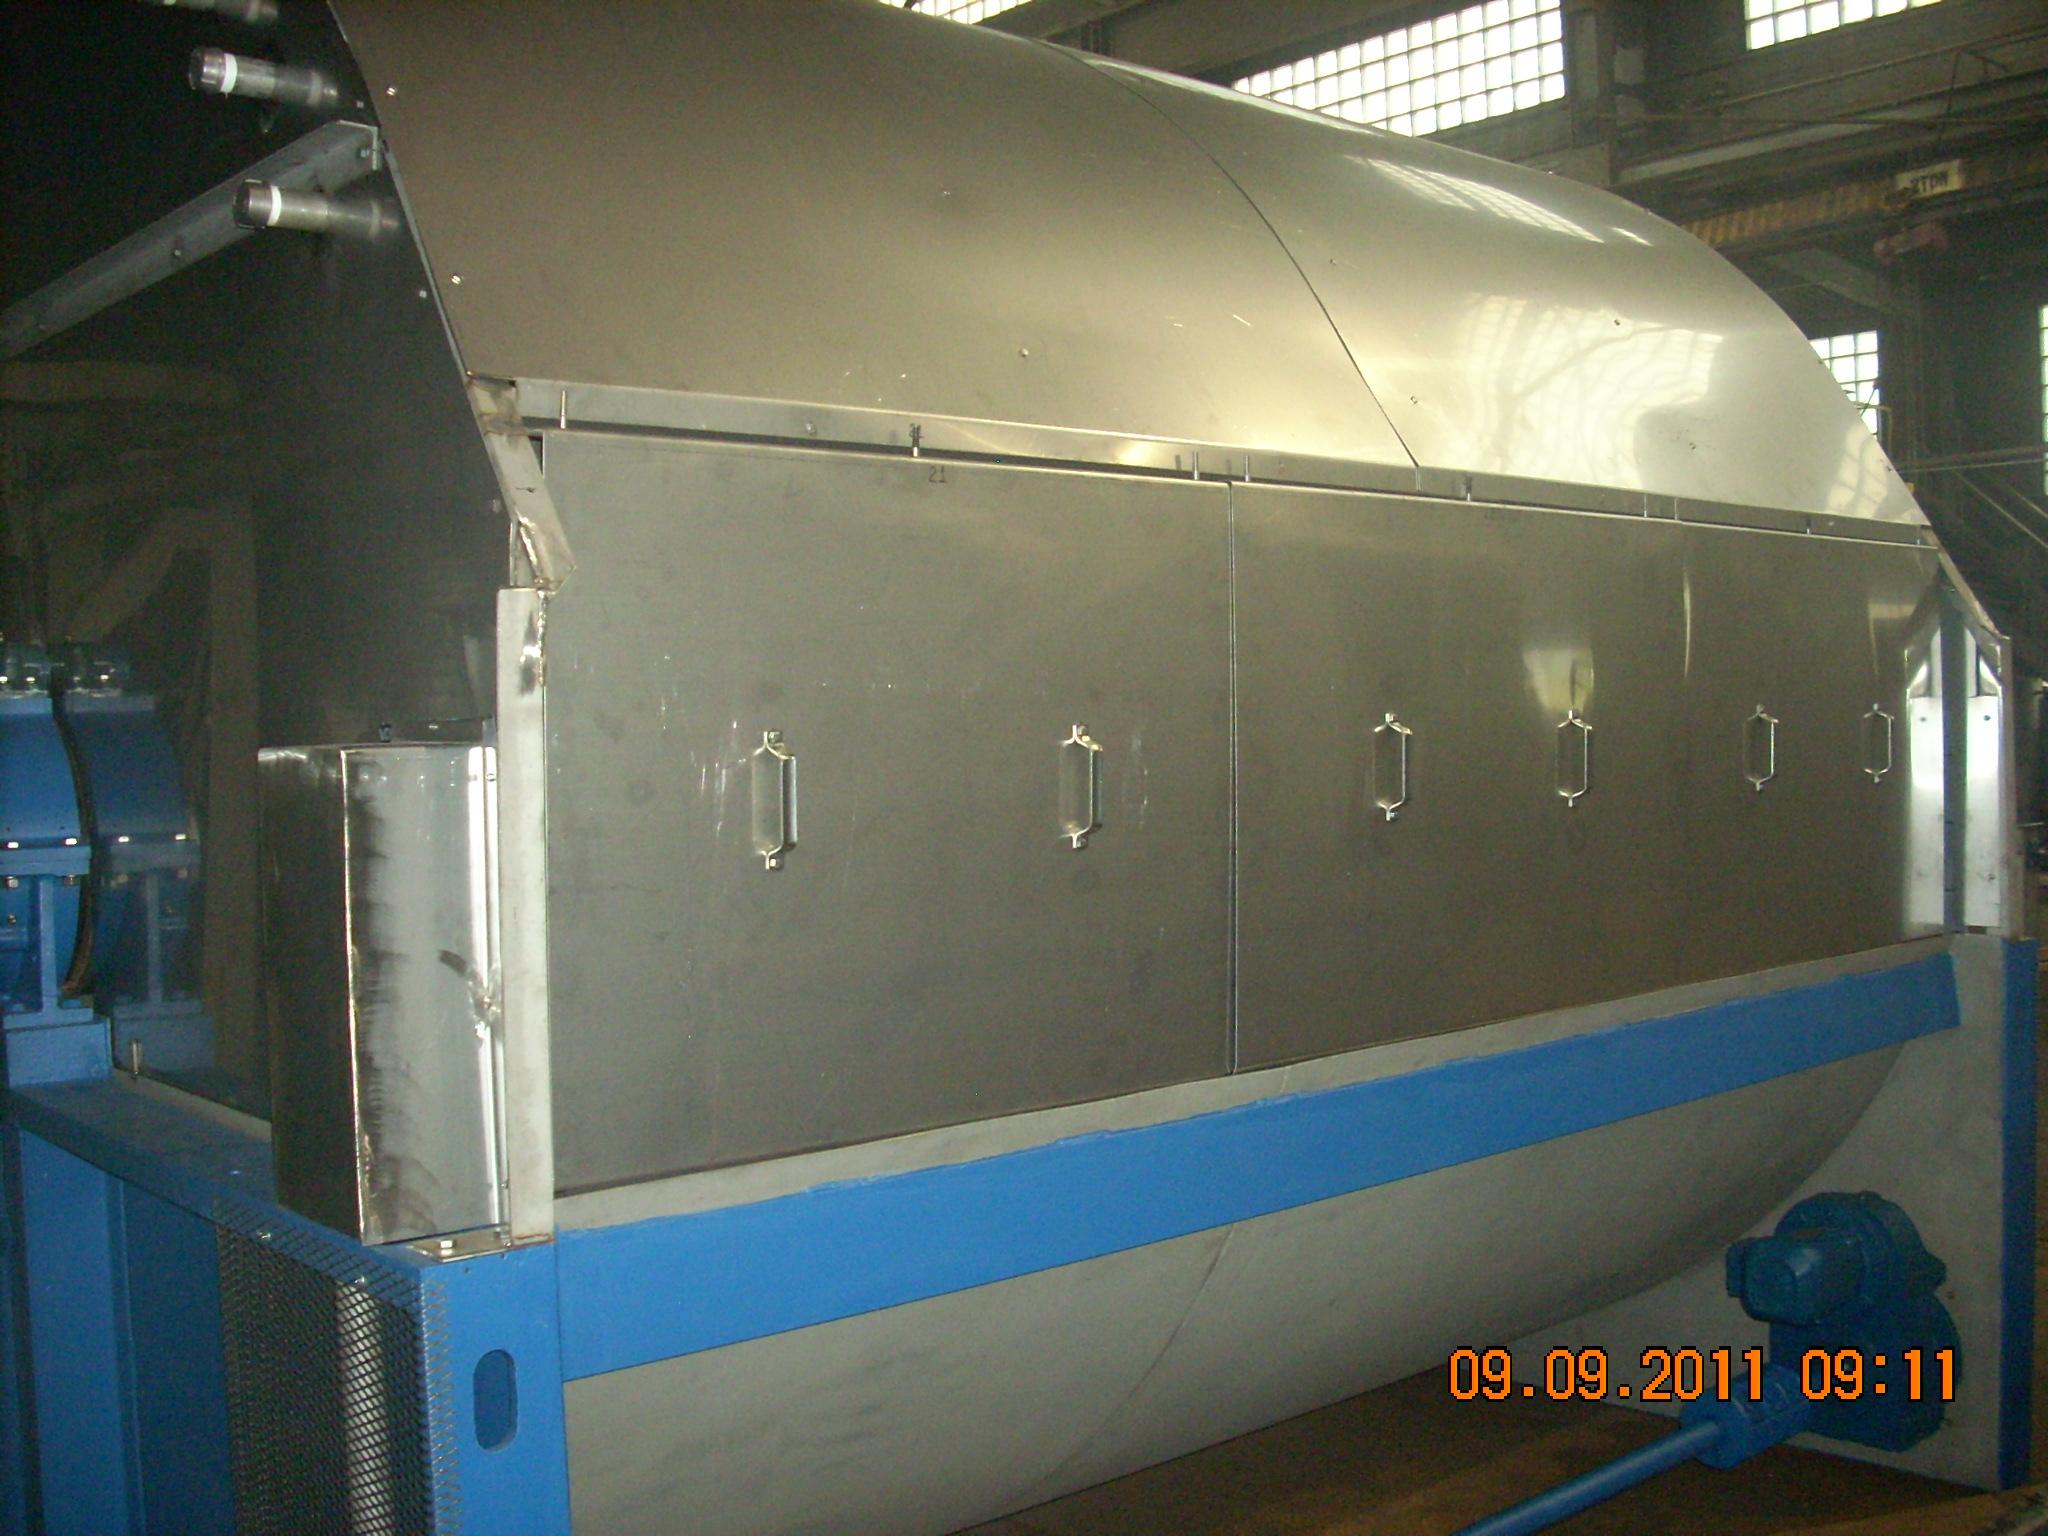 DSCN2899.JPG